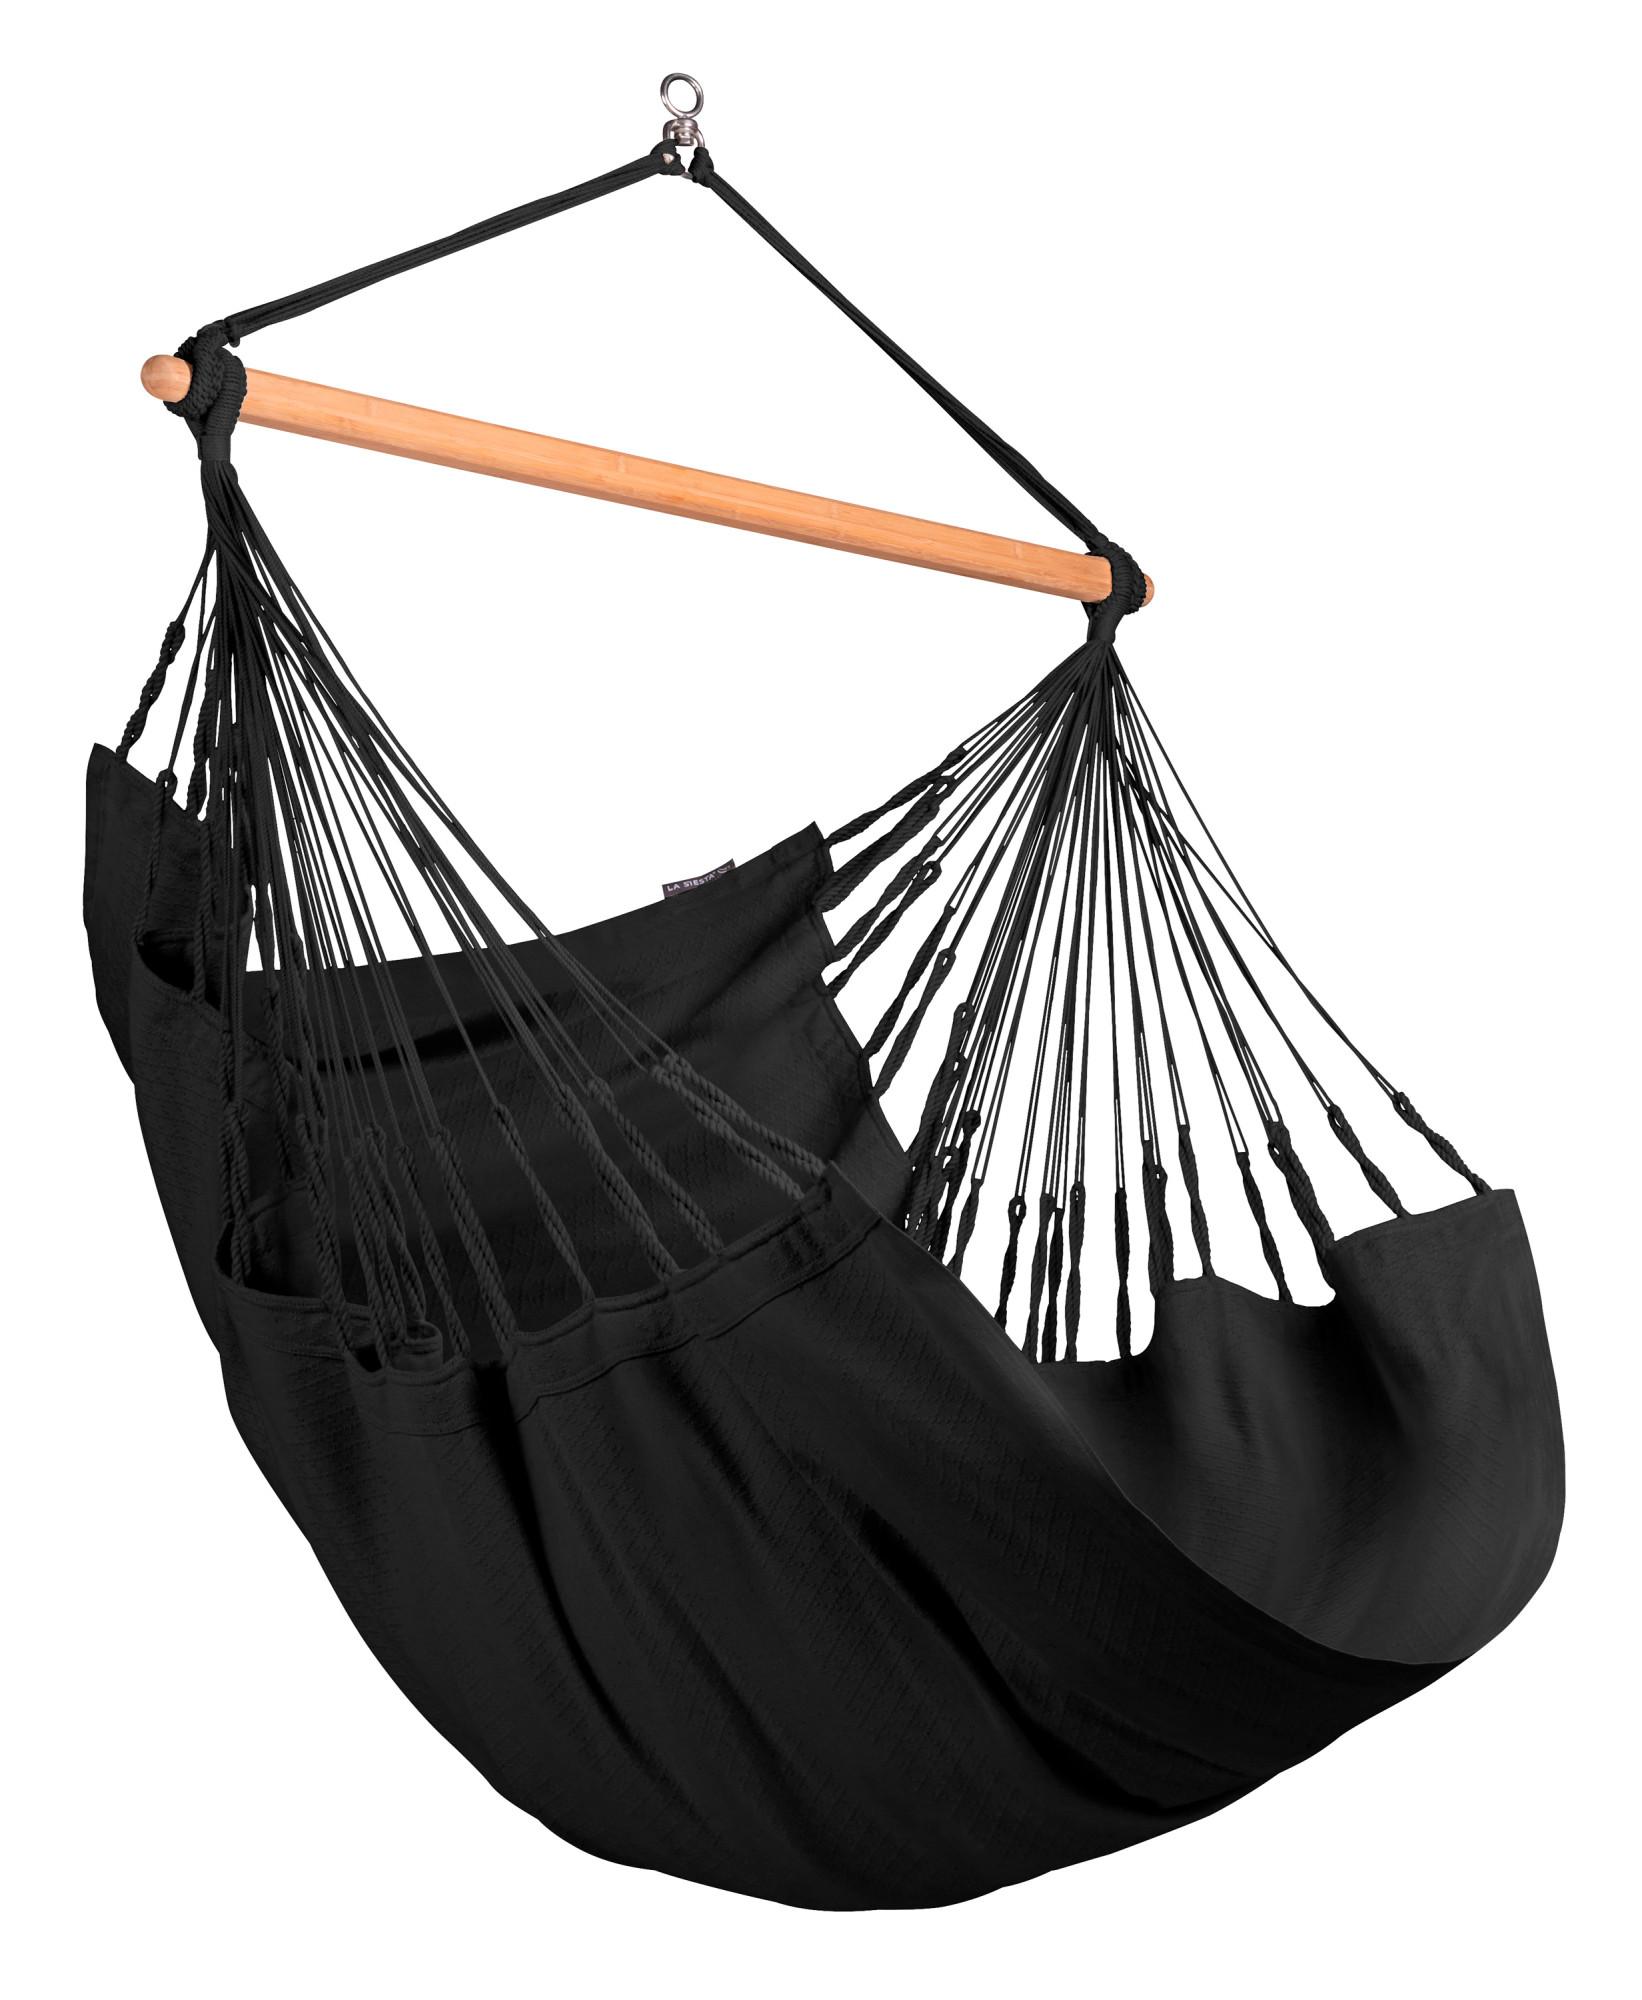 Chaise-hamac comfort en coton bio noir